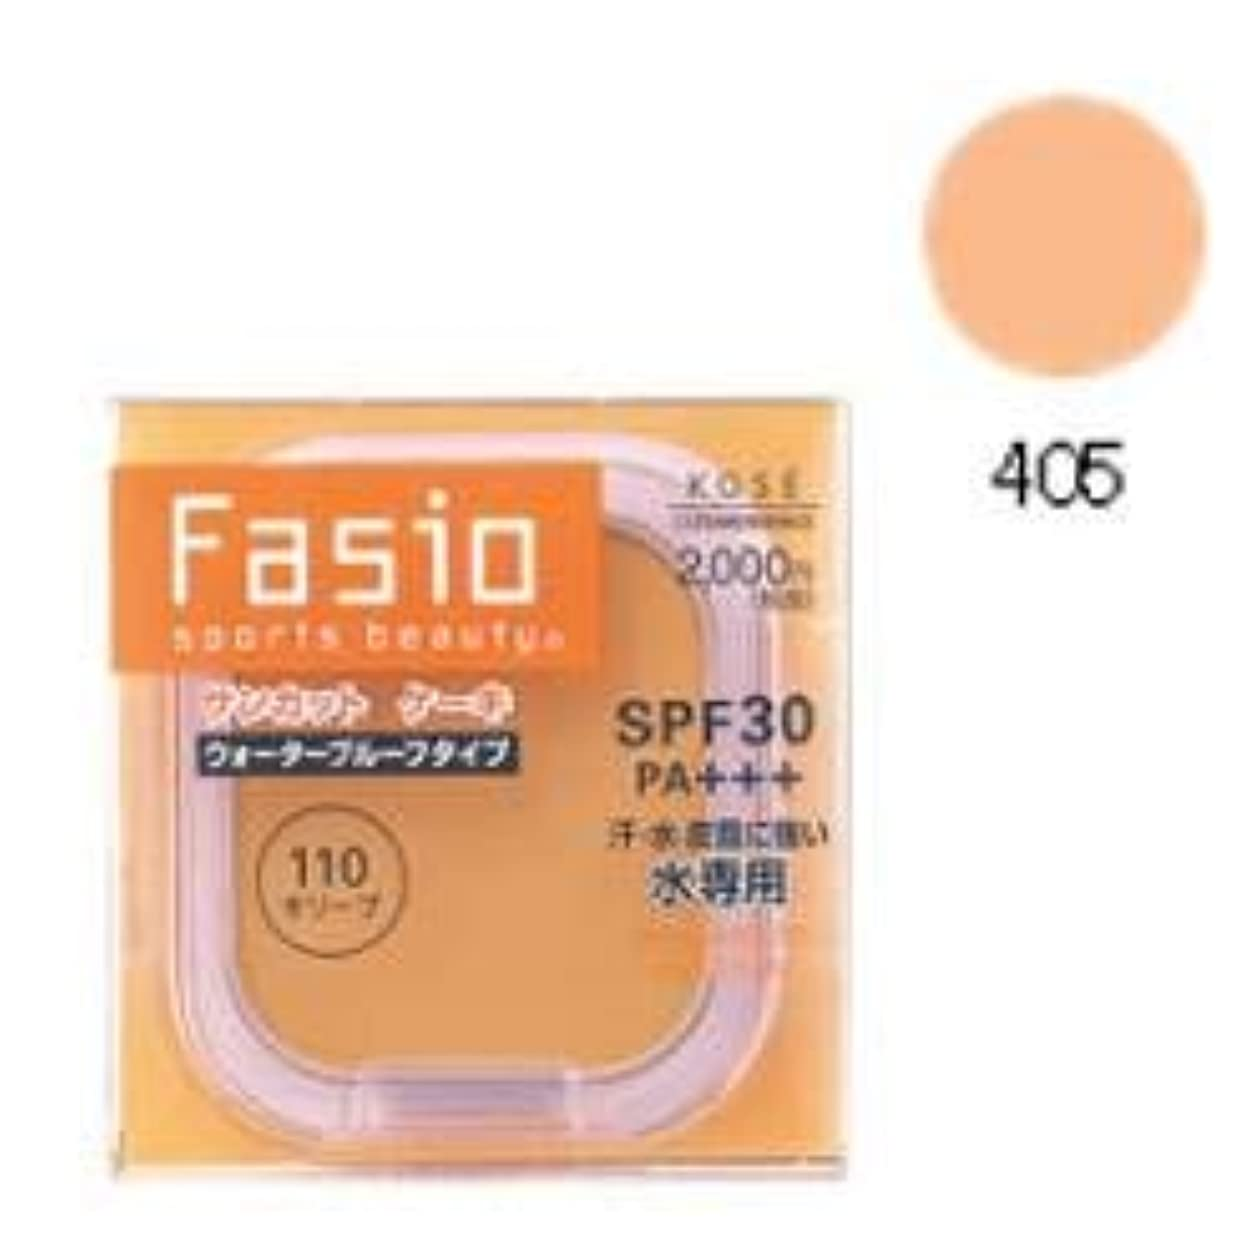 闘争拮抗餌コーセー Fasio ファシオ サンカット ケーキ 詰め替え用 405